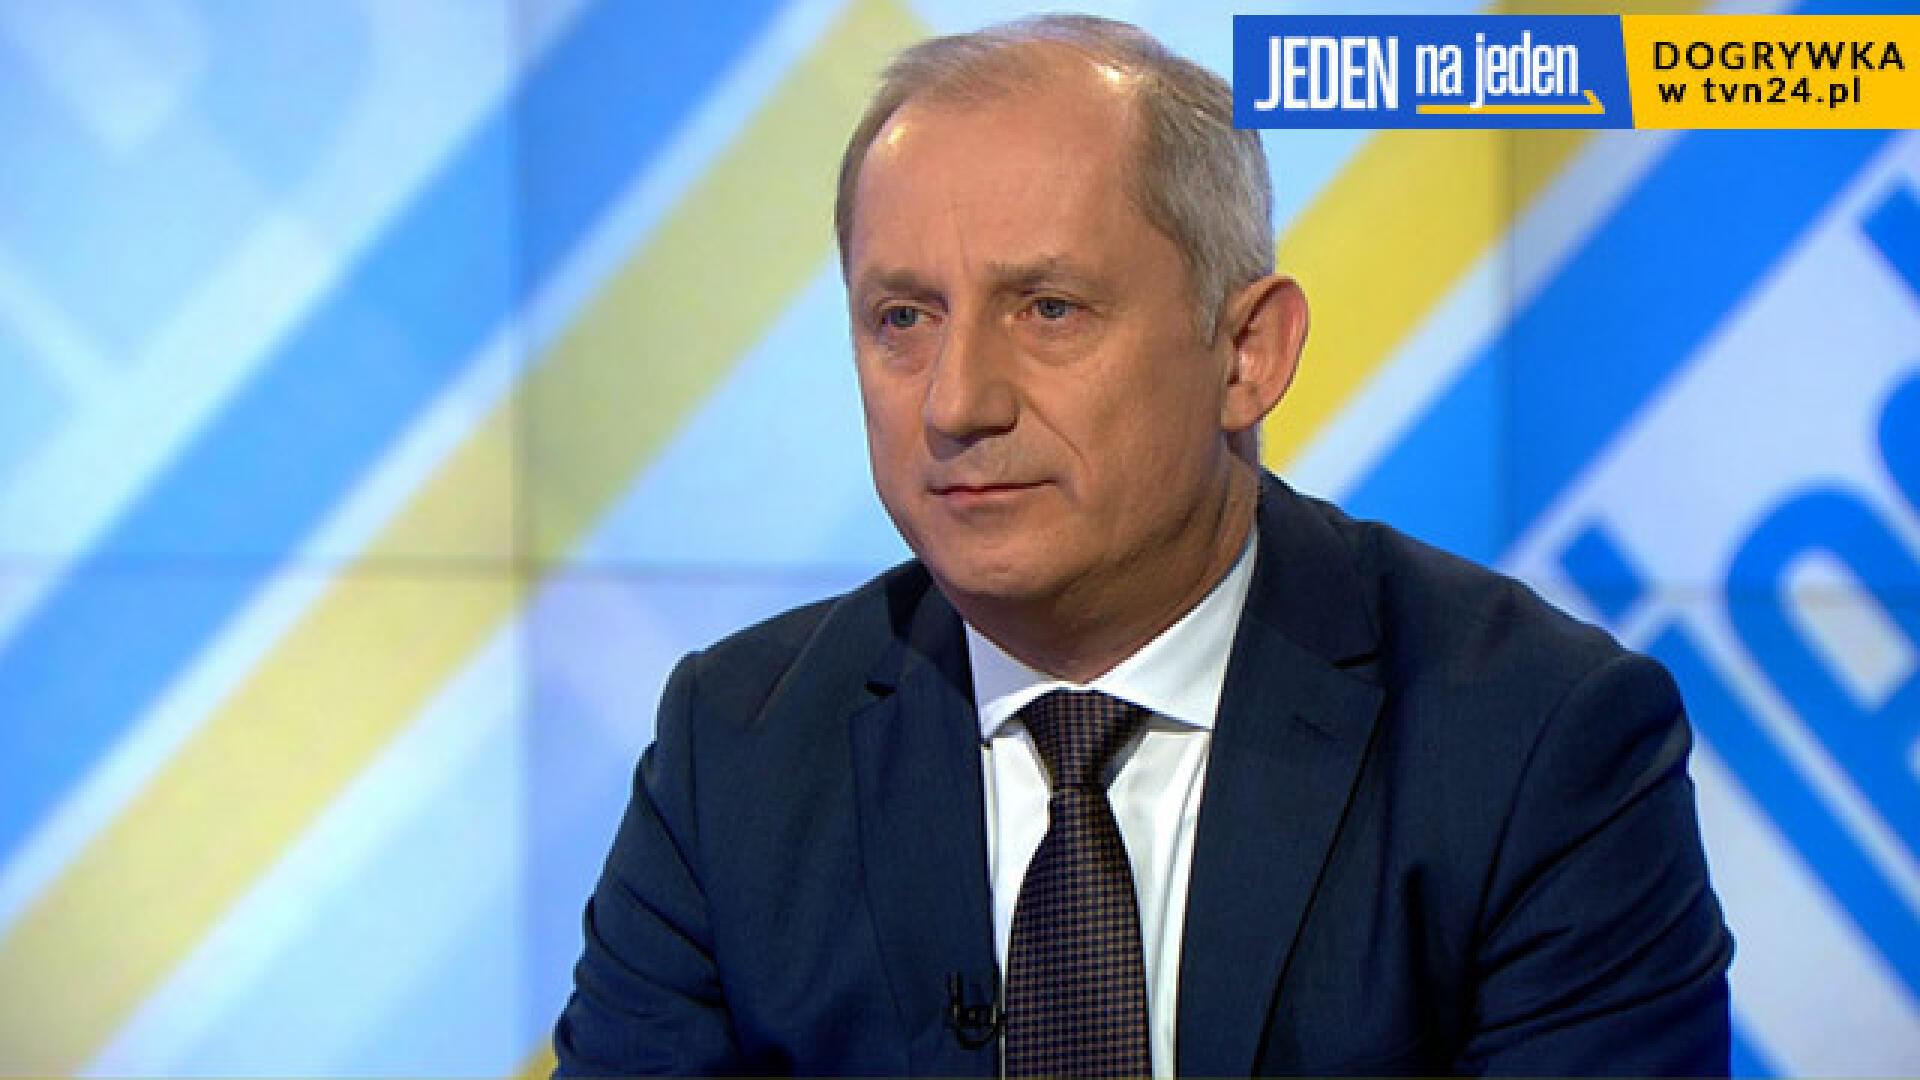 Neumann: Ministrowie PO szli do rządu dla pracy. PiS poszło po kasę